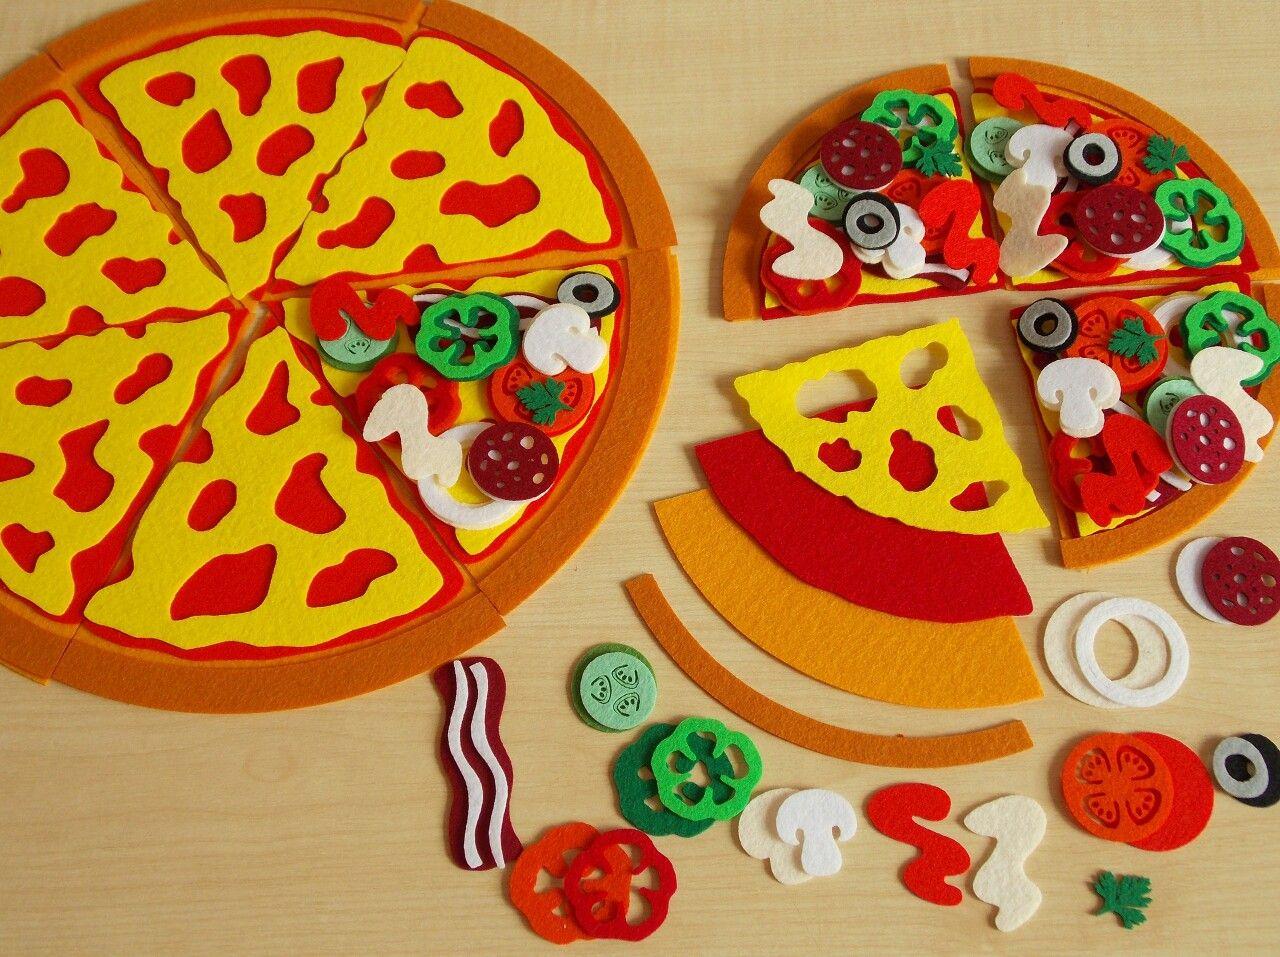 пицца картинки для поделок трассе можно